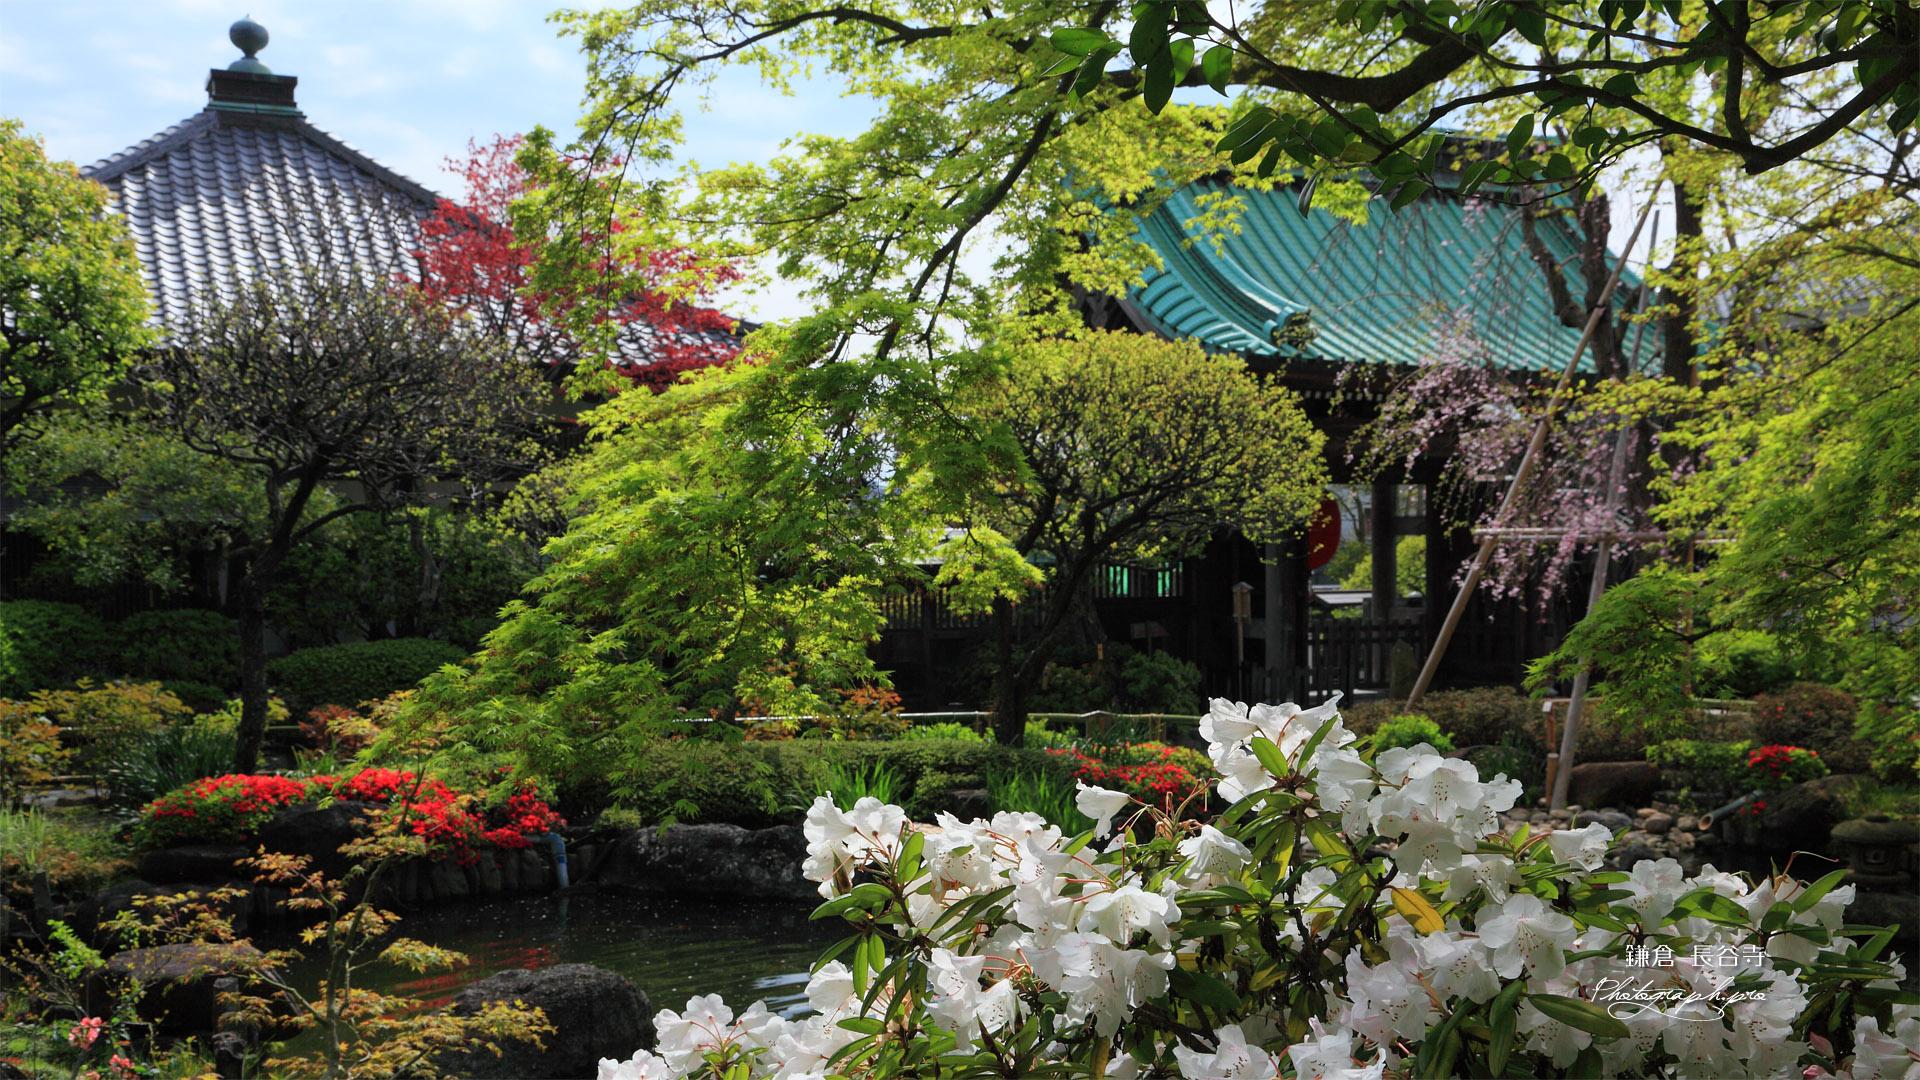 鎌倉長谷寺放生池のシャクナゲ